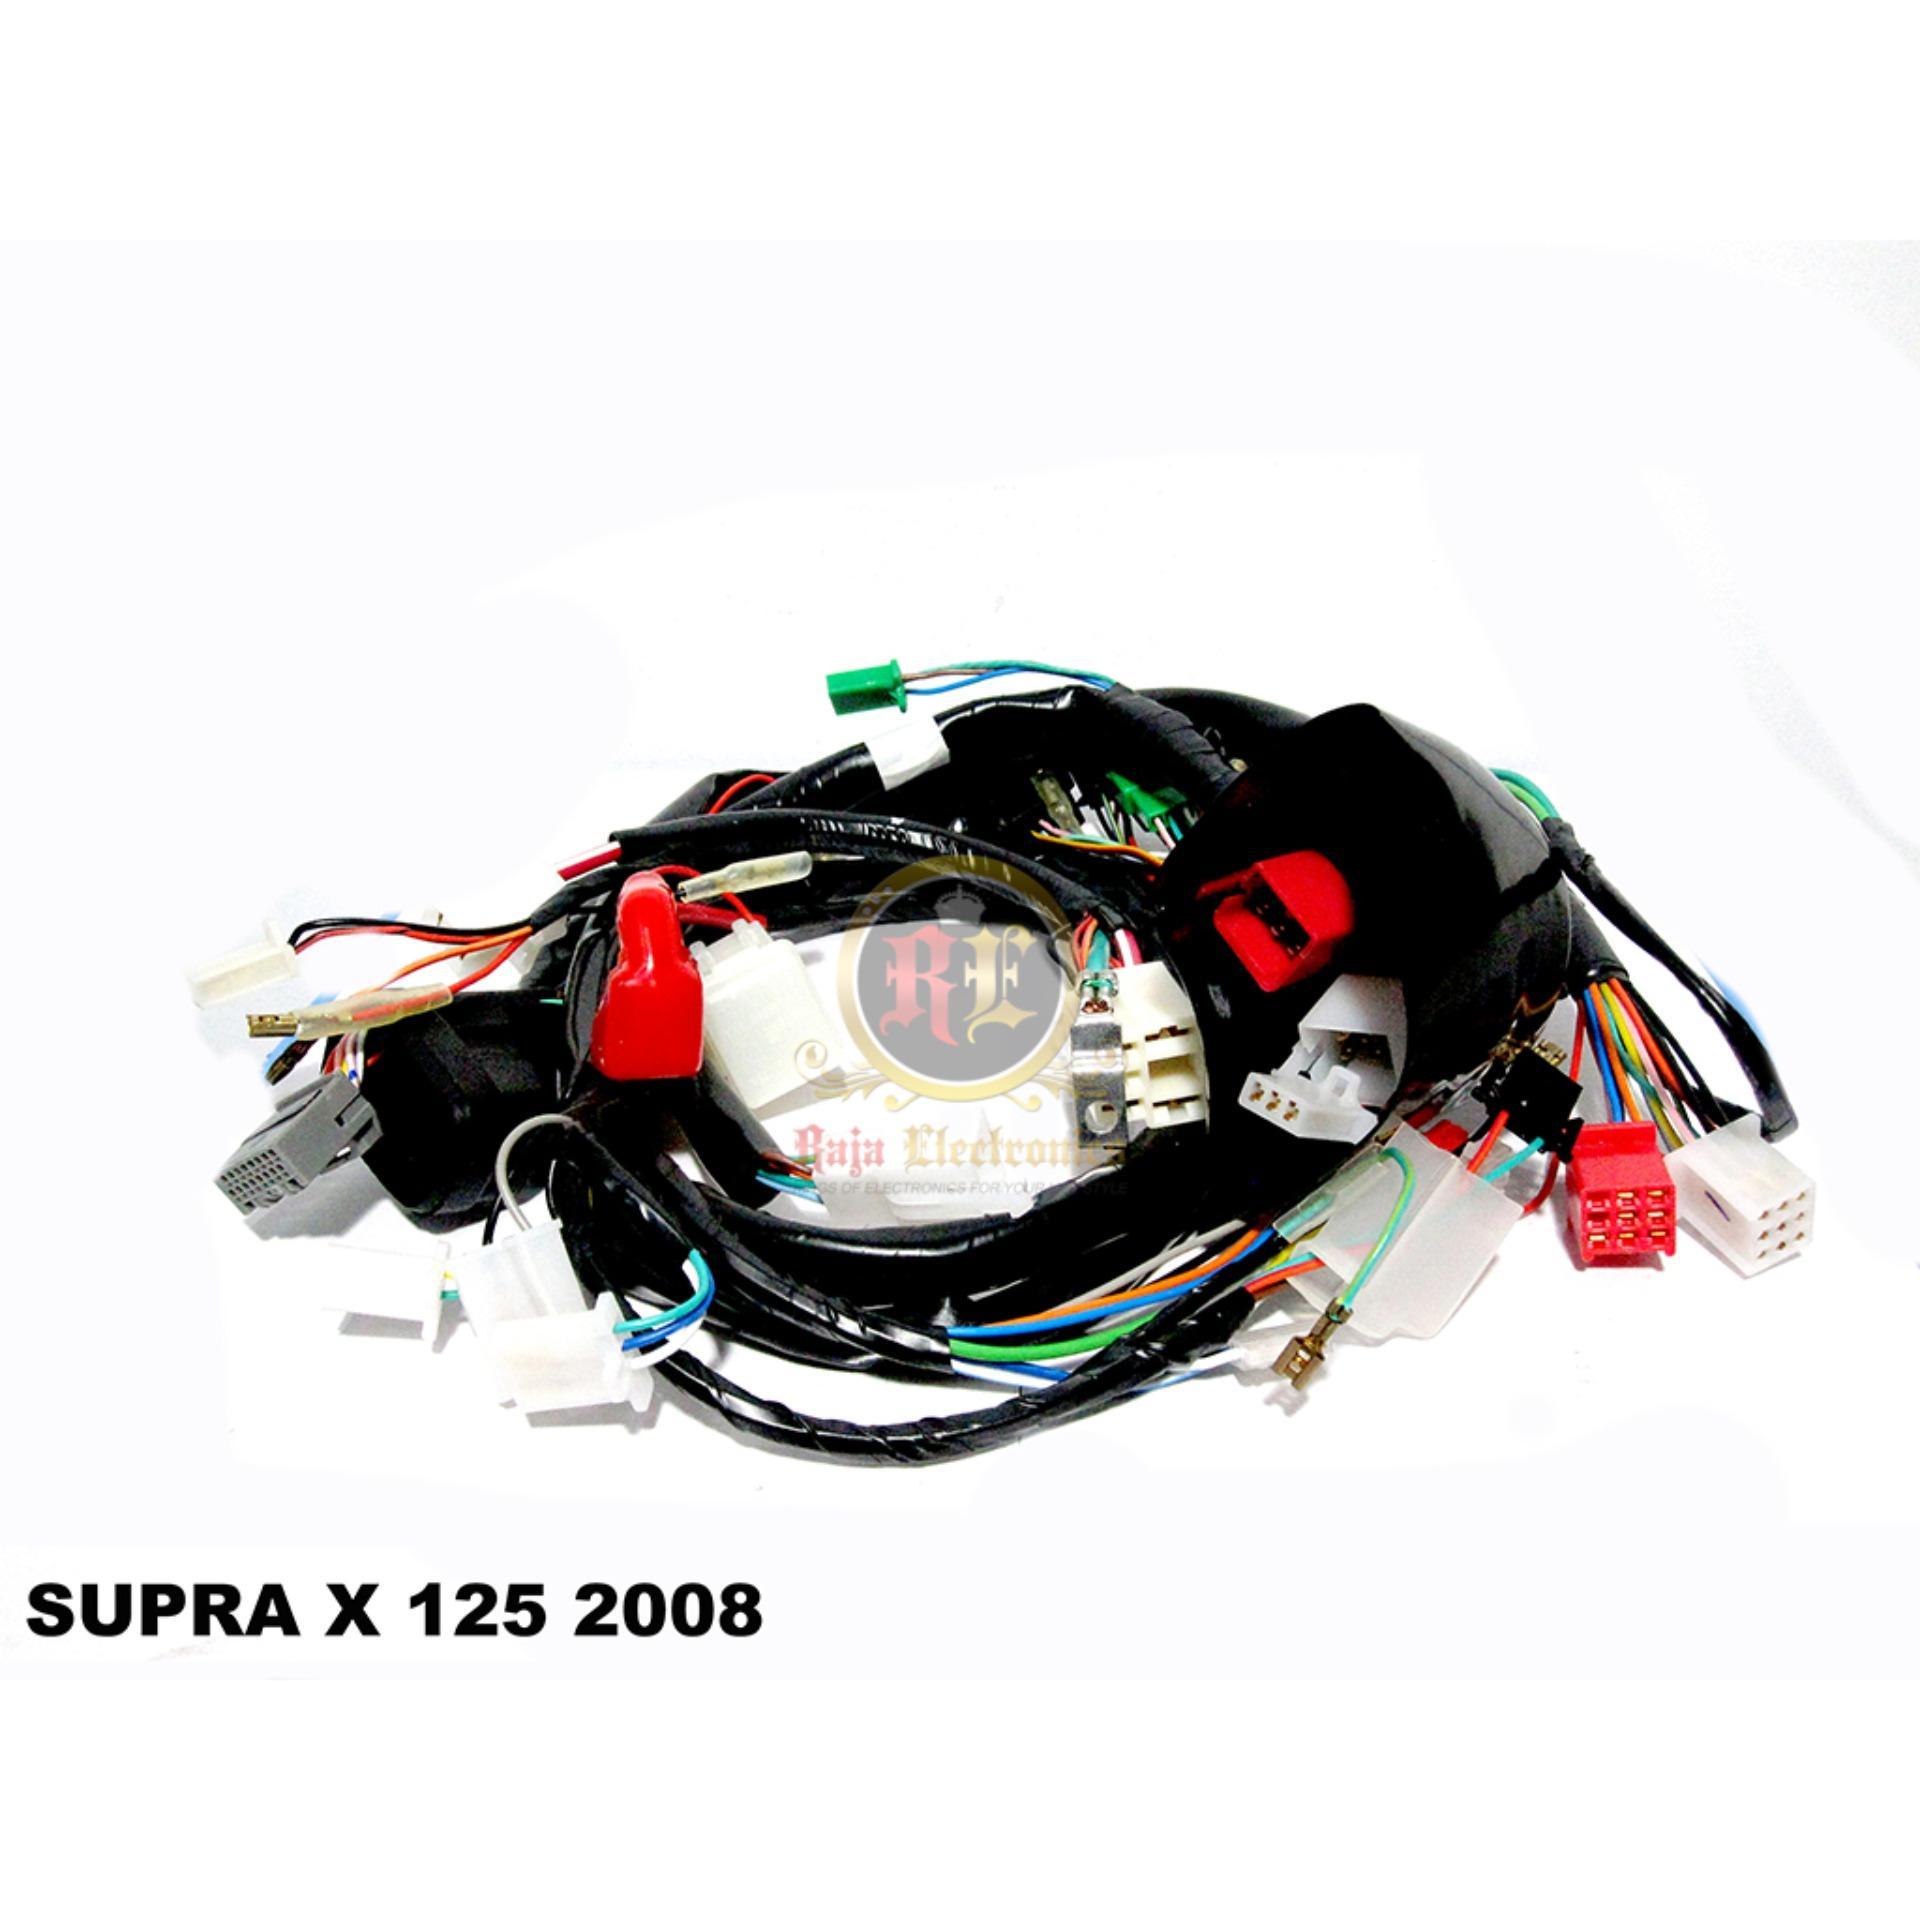 Kabel Body Motor Supra X 125 2008 Assy